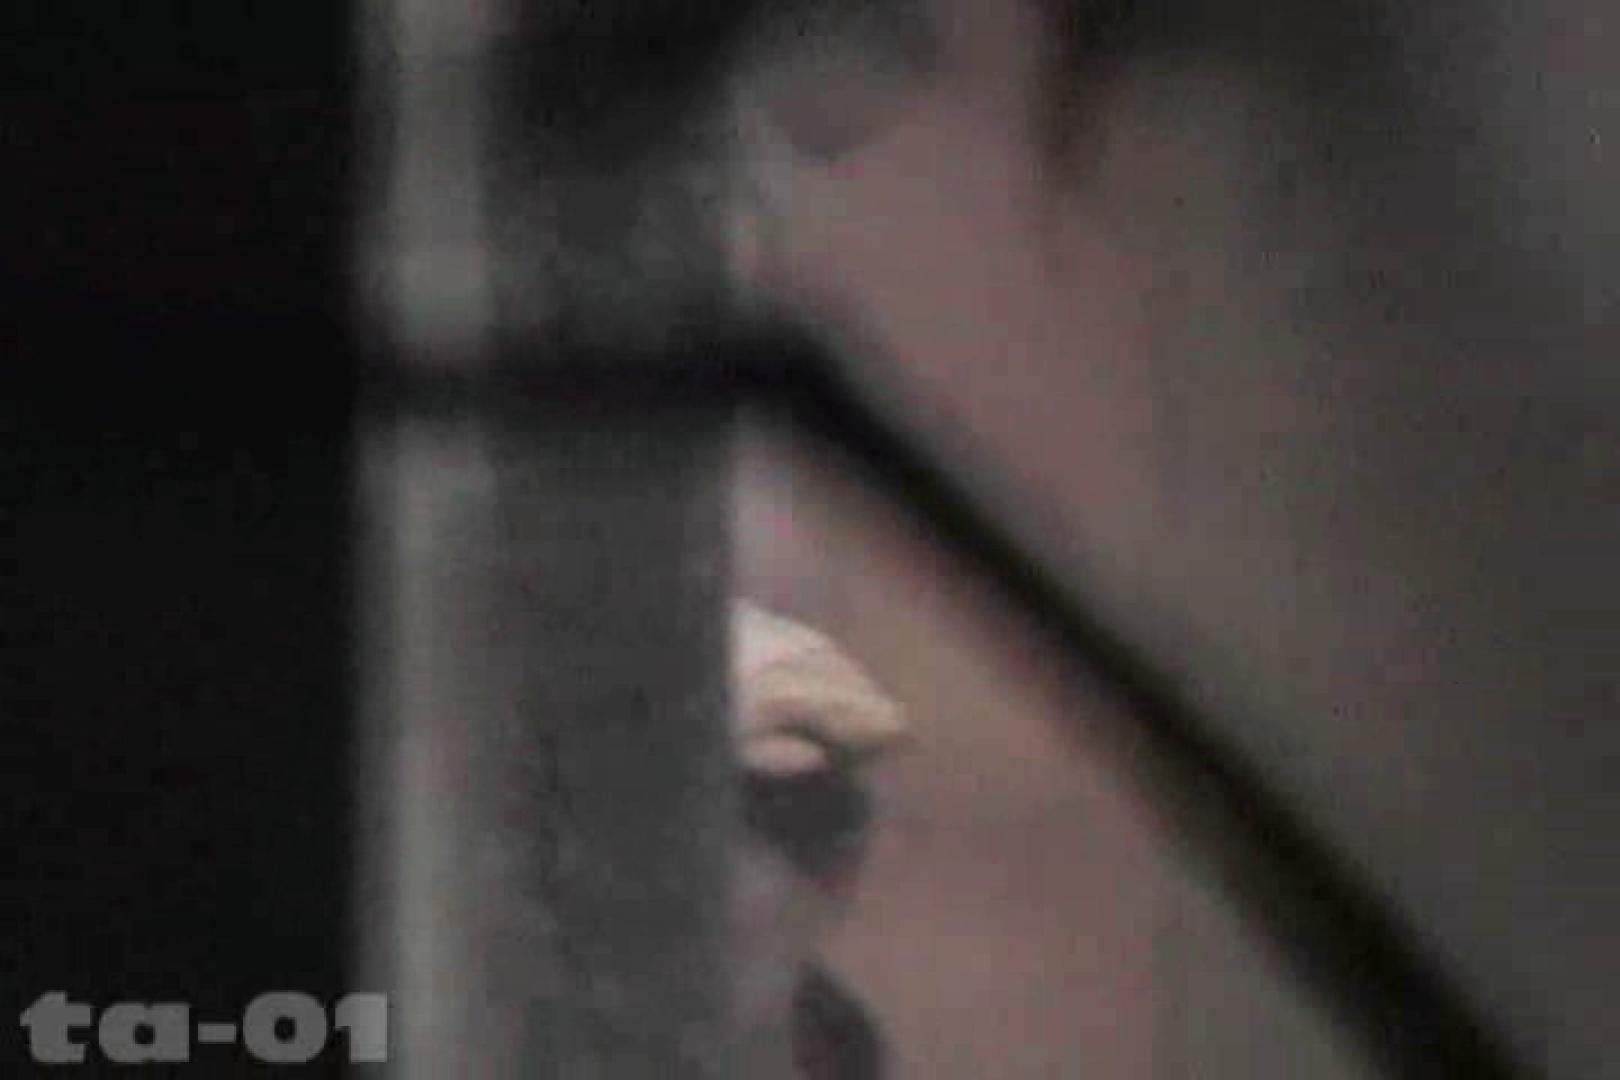 合宿ホテル女風呂盗撮高画質版 Vol.01 合宿 おまんこ動画流出 106画像 34